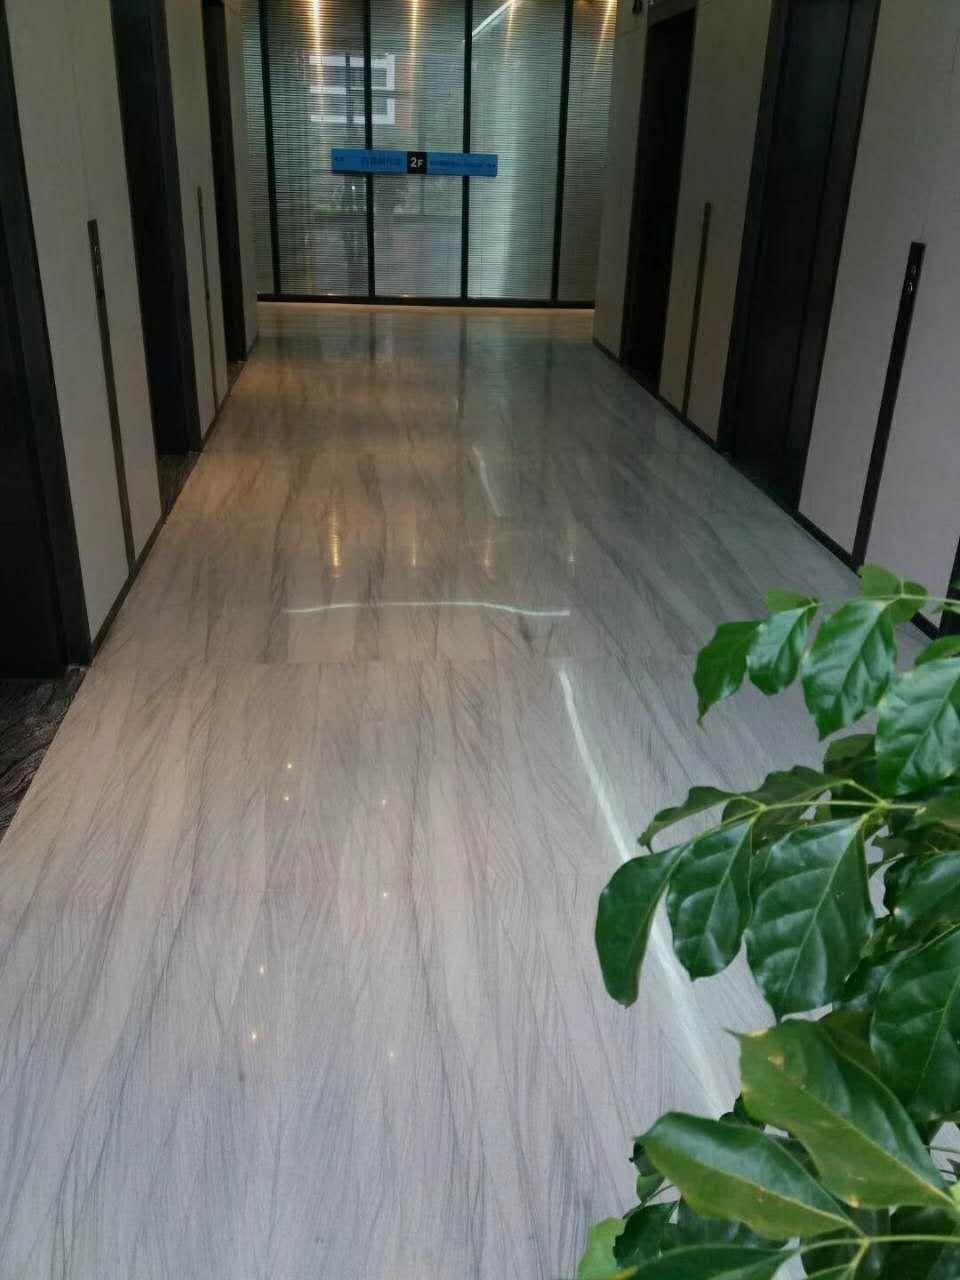 Linglang grey marble tiles